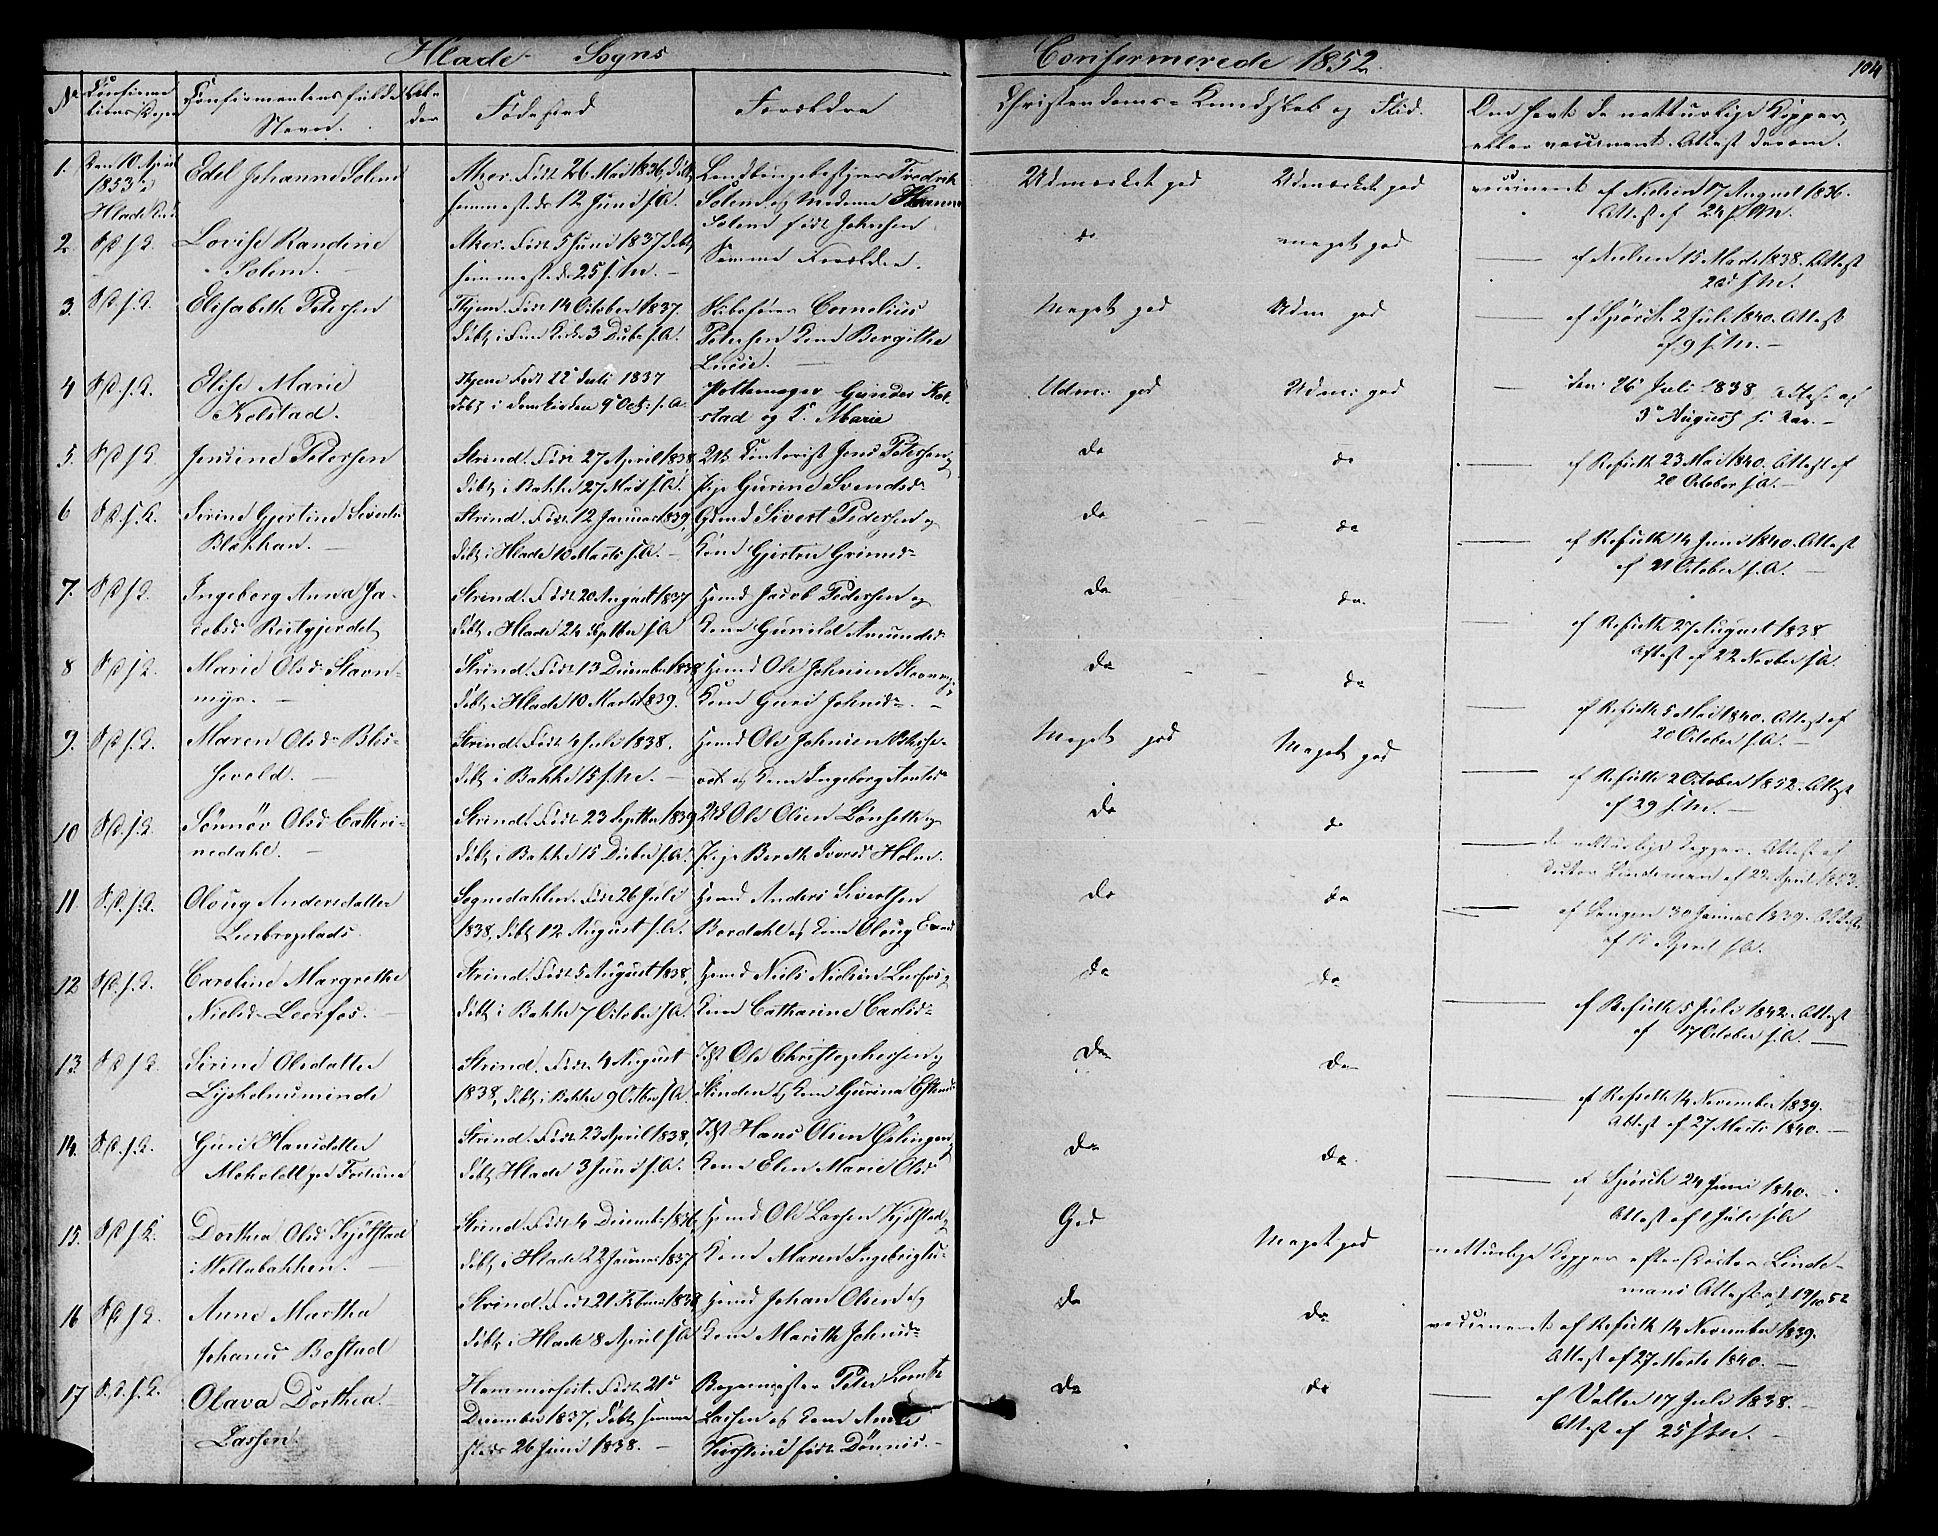 SAT, Ministerialprotokoller, klokkerbøker og fødselsregistre - Sør-Trøndelag, 606/L0310: Klokkerbok nr. 606C06, 1850-1859, s. 104